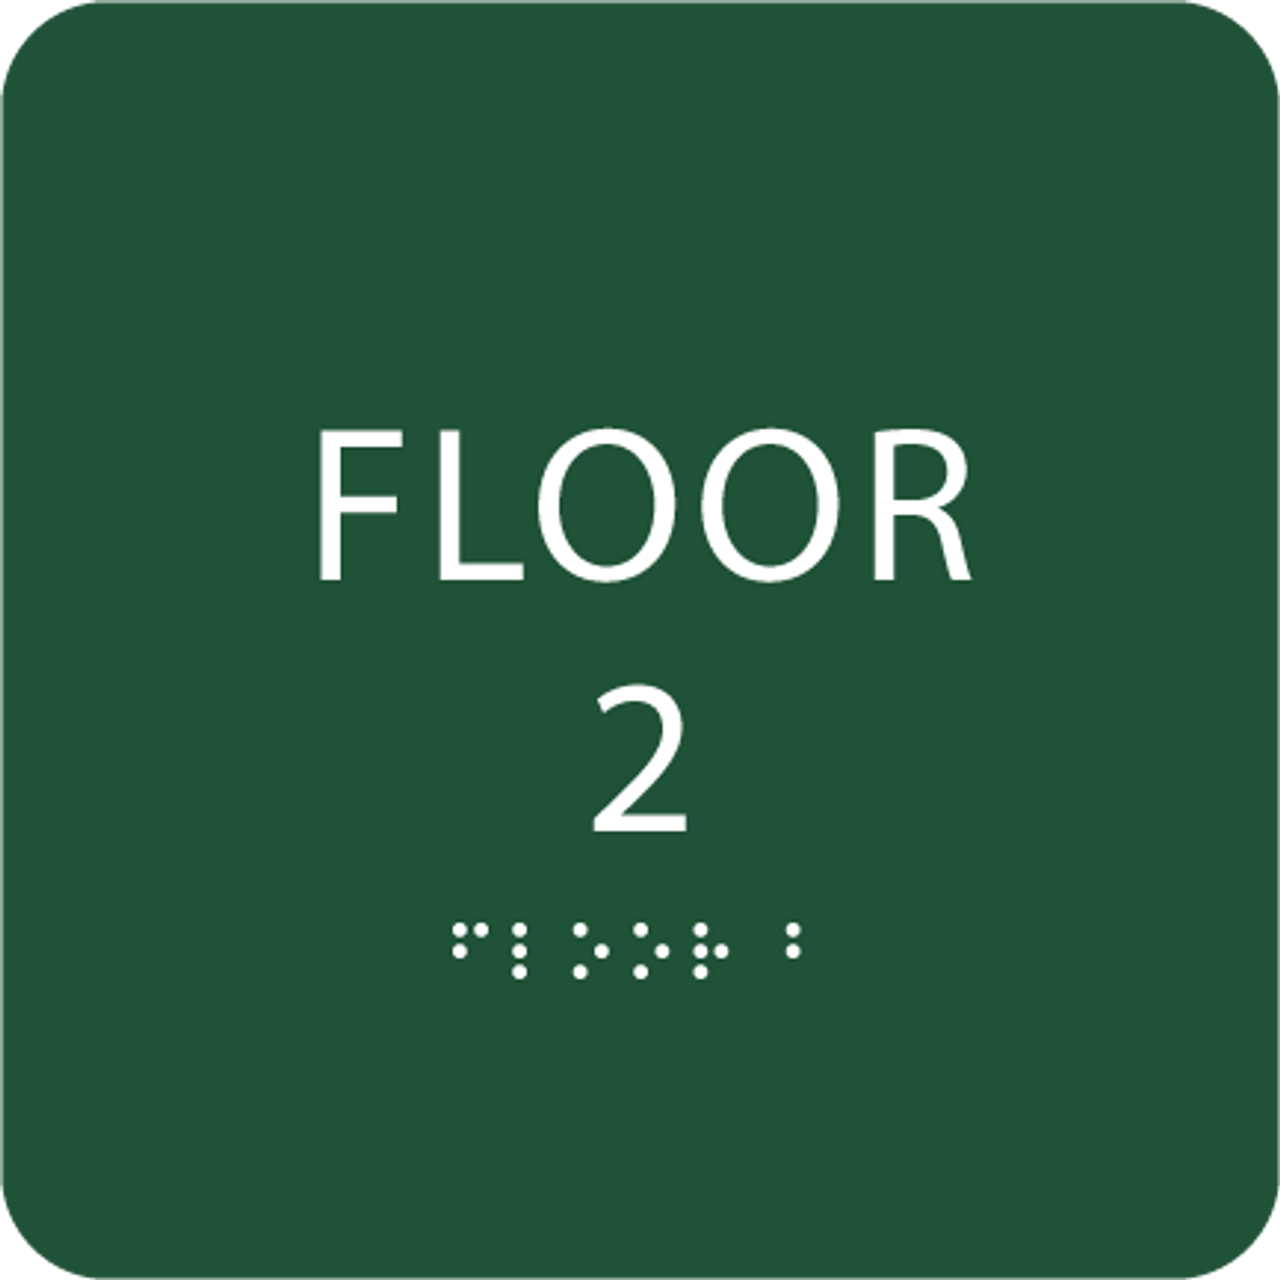 Green Floor 2 Number Sign